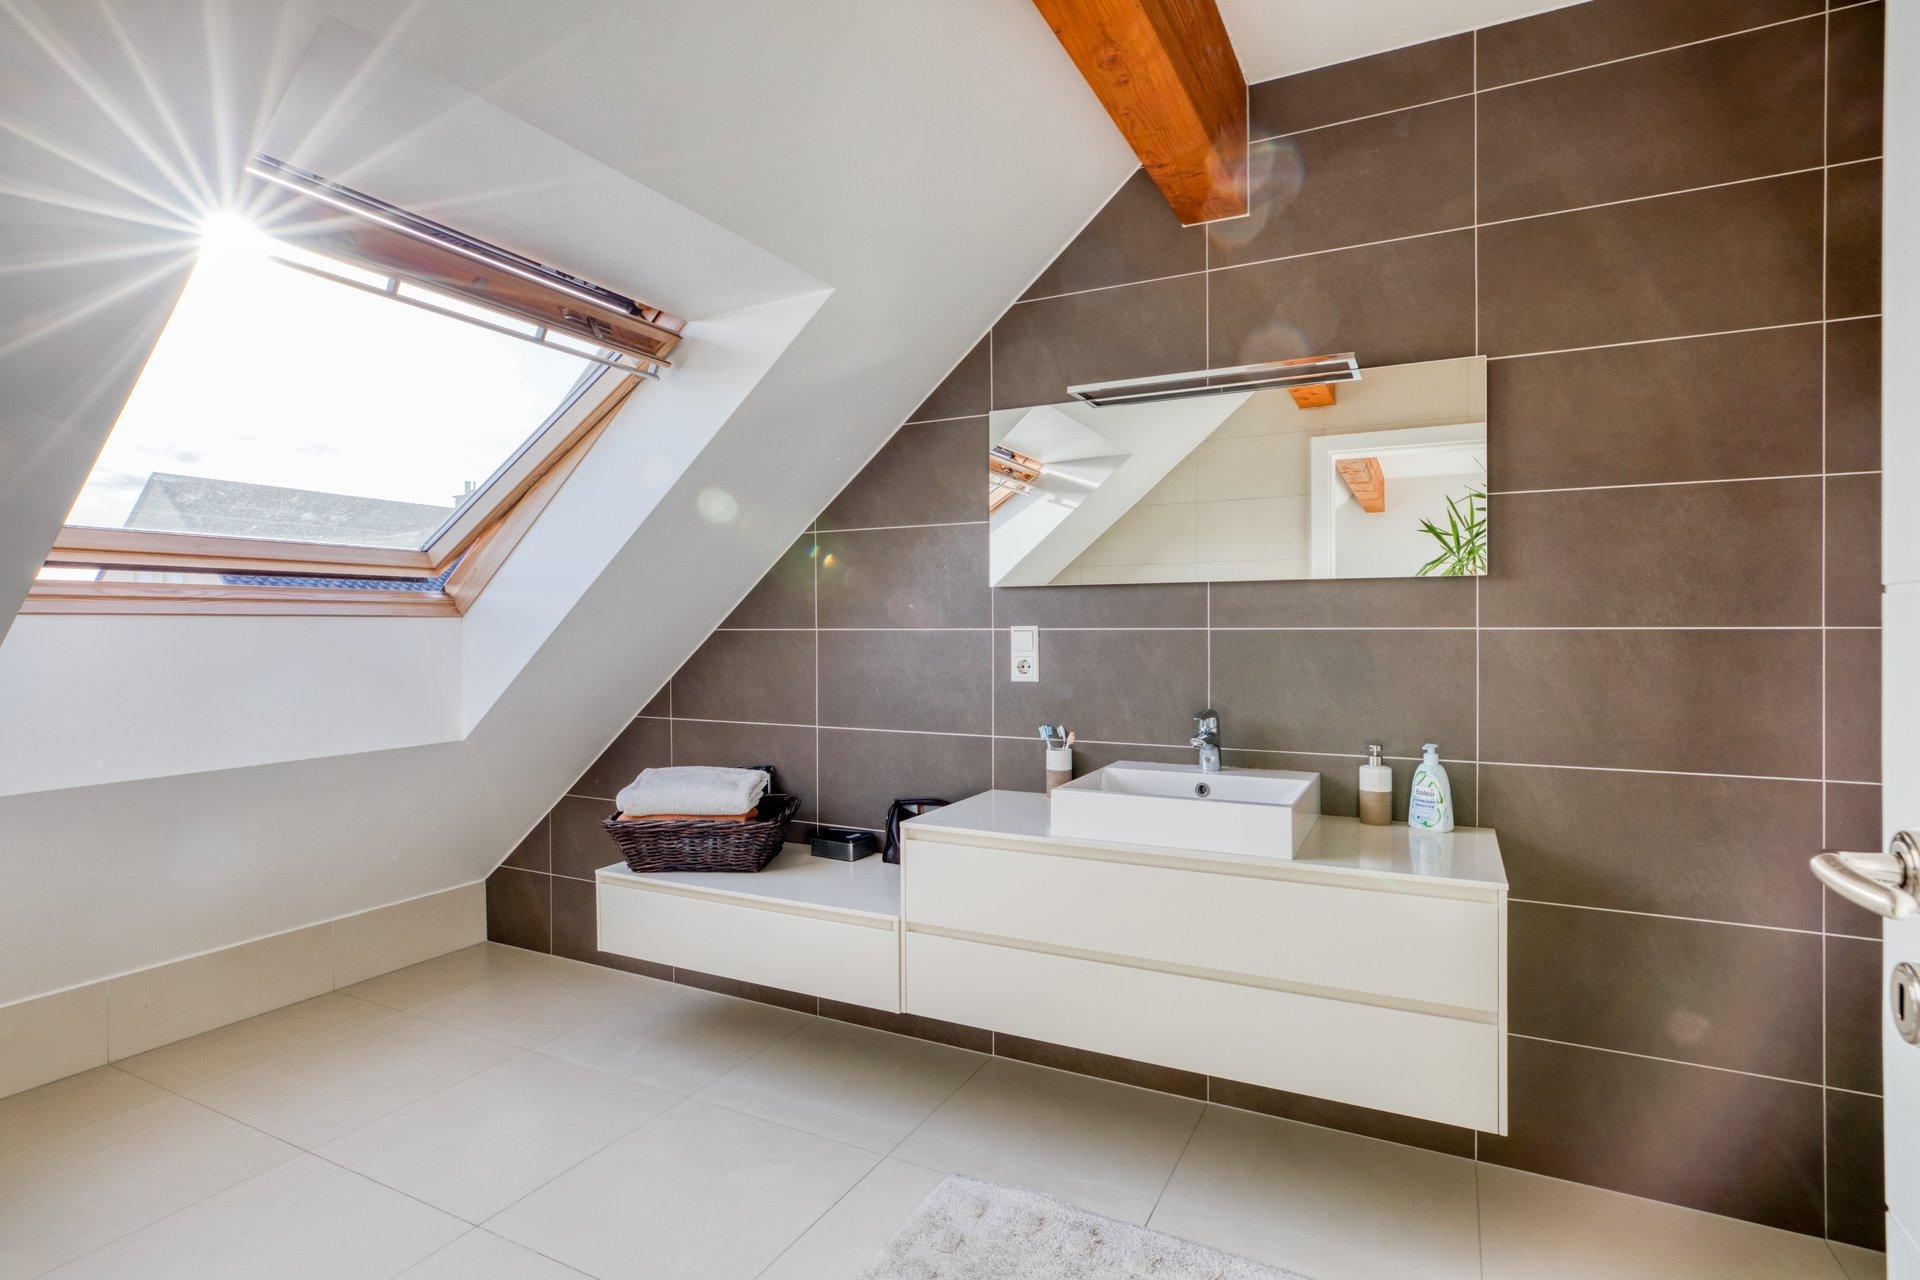 Magnifique maison 4 chambres - 250m2 - schouweiler